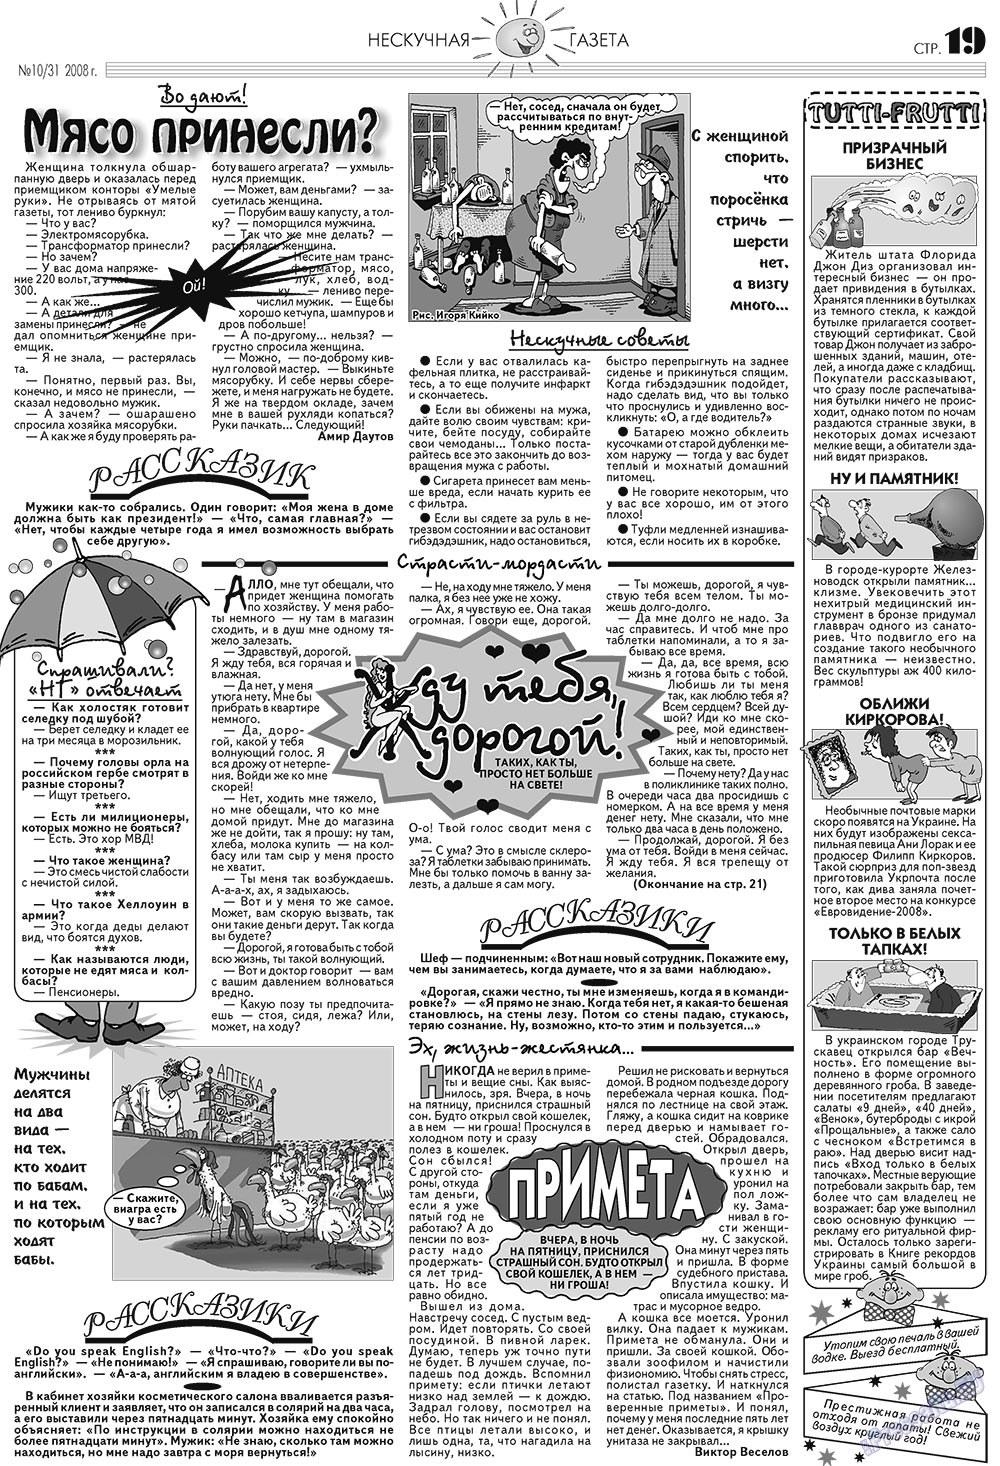 Нескучная газета (газета). 2008 год, номер 10, стр. 15